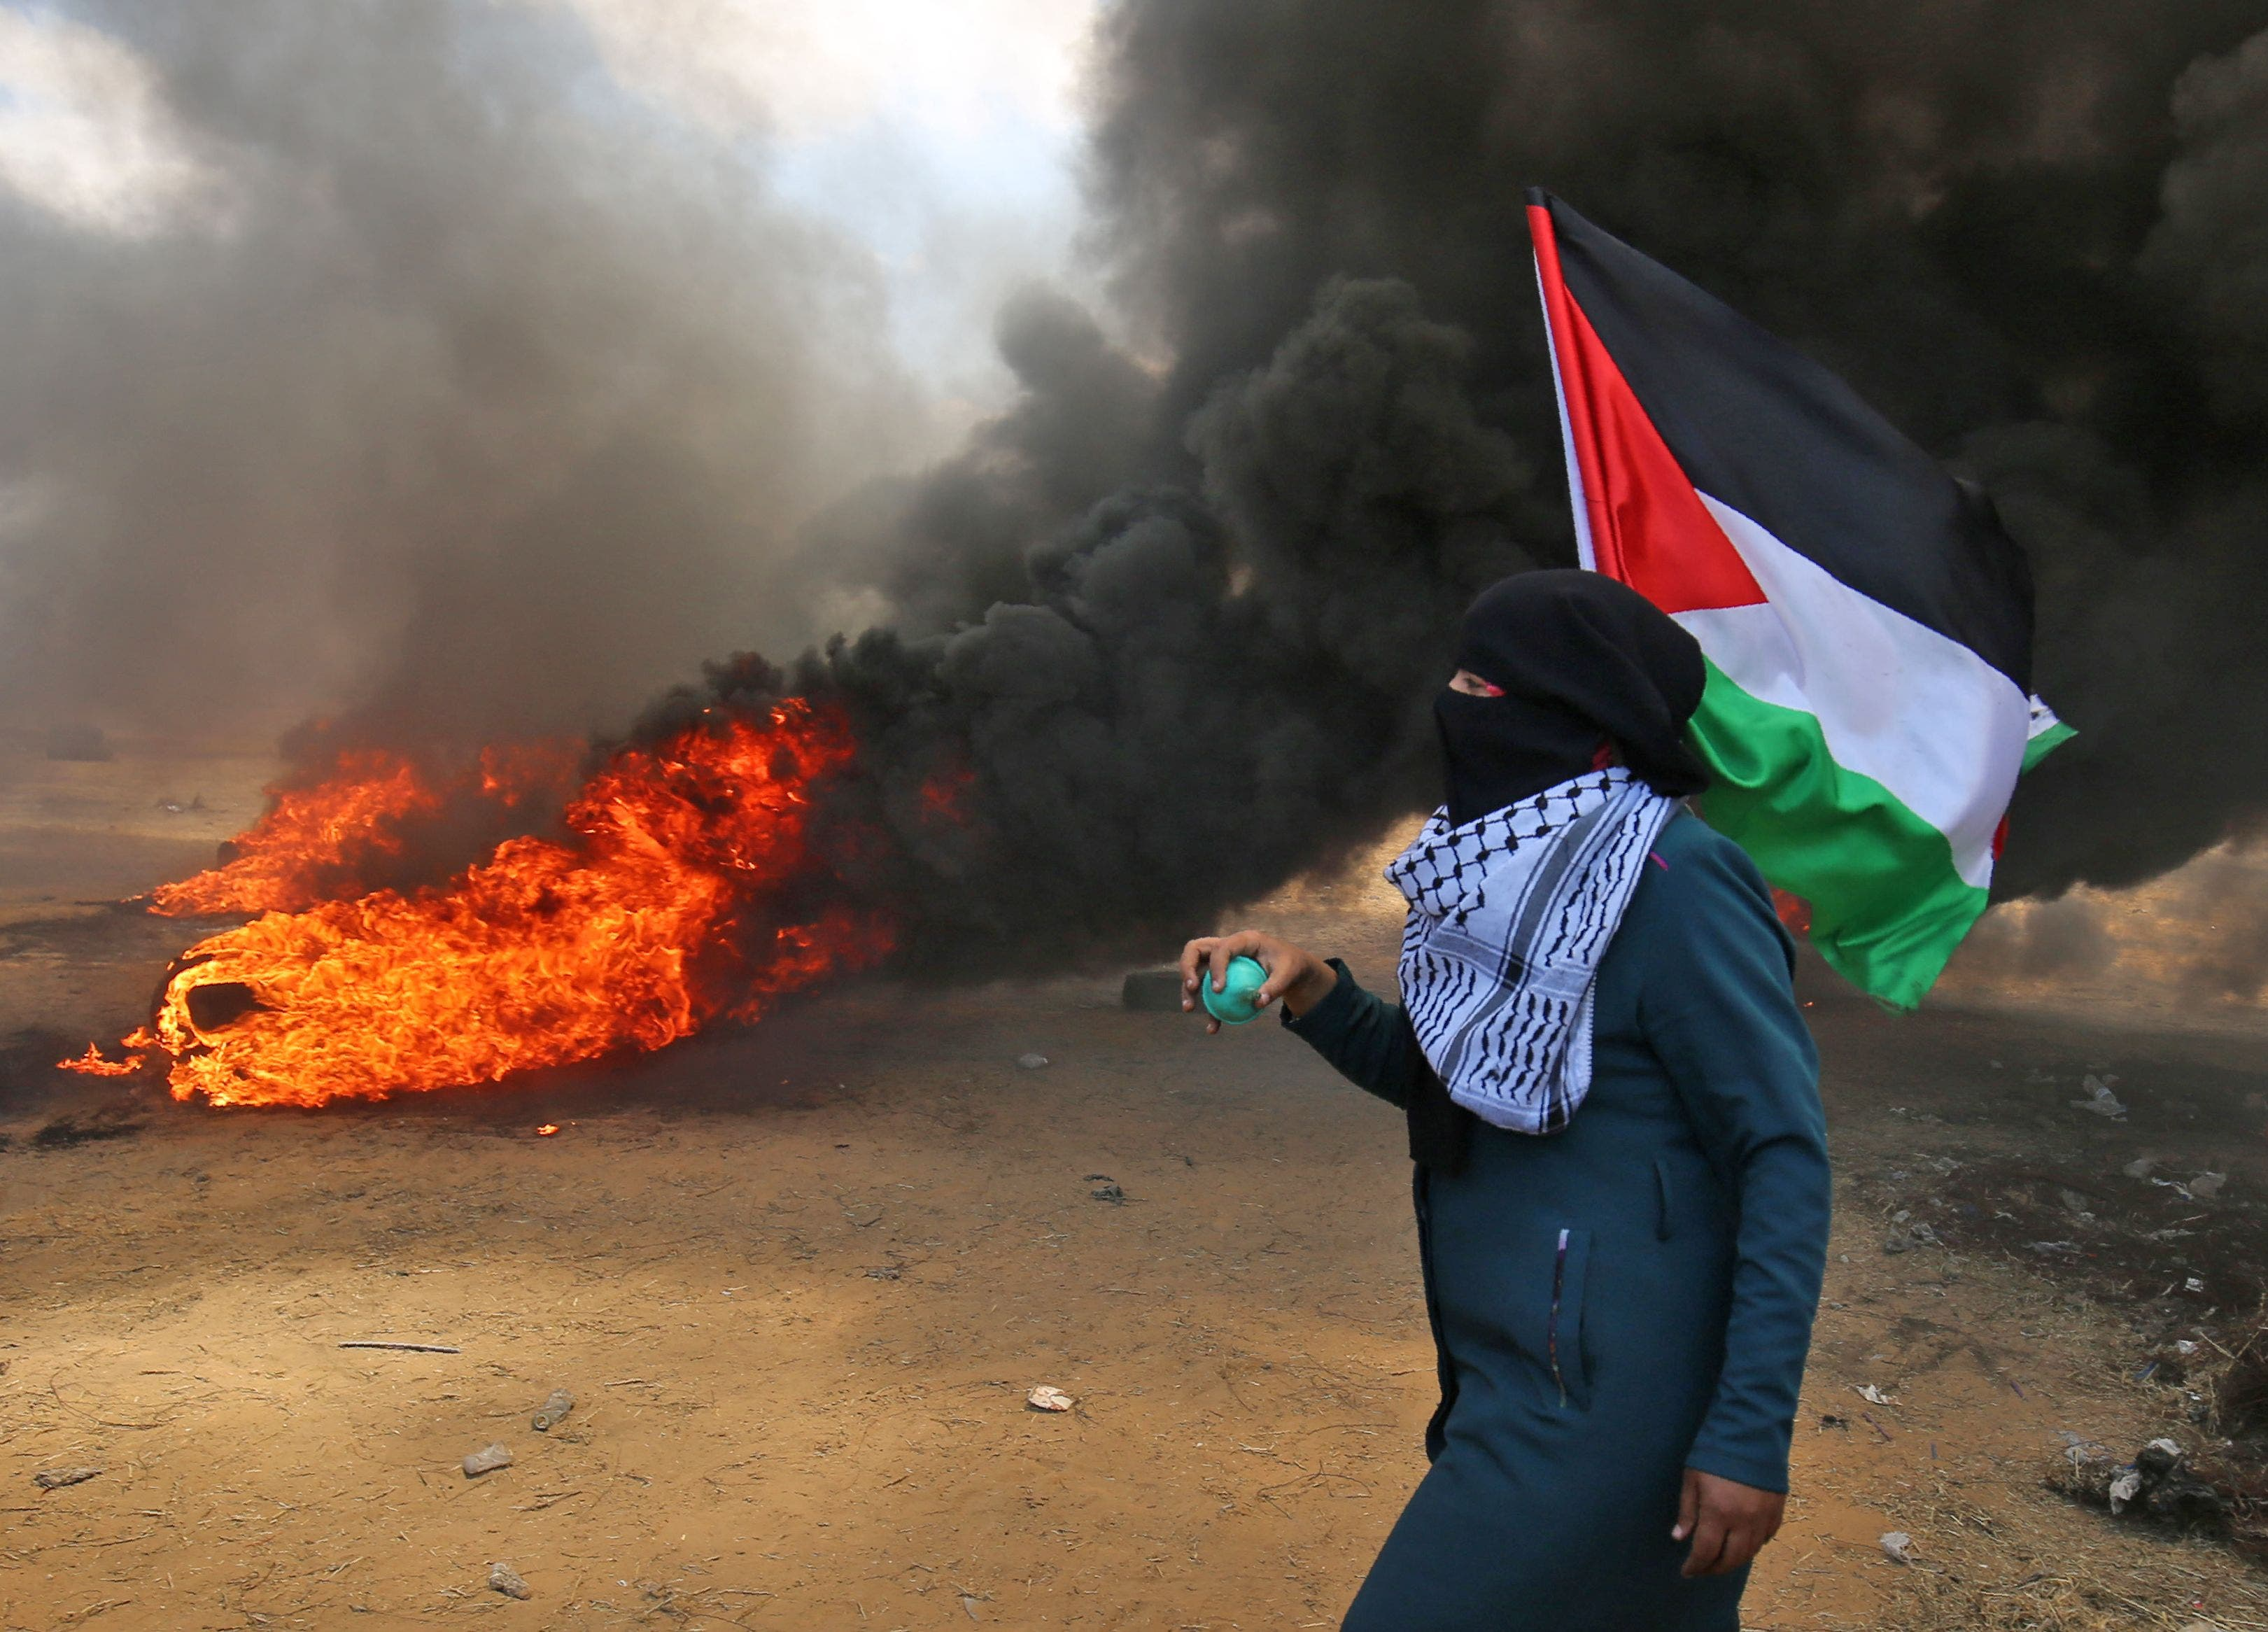 7. La protesta, en medio de una huelga general en Gaza, era contra el traslado de la embajada de EEUU a Jerusalén.